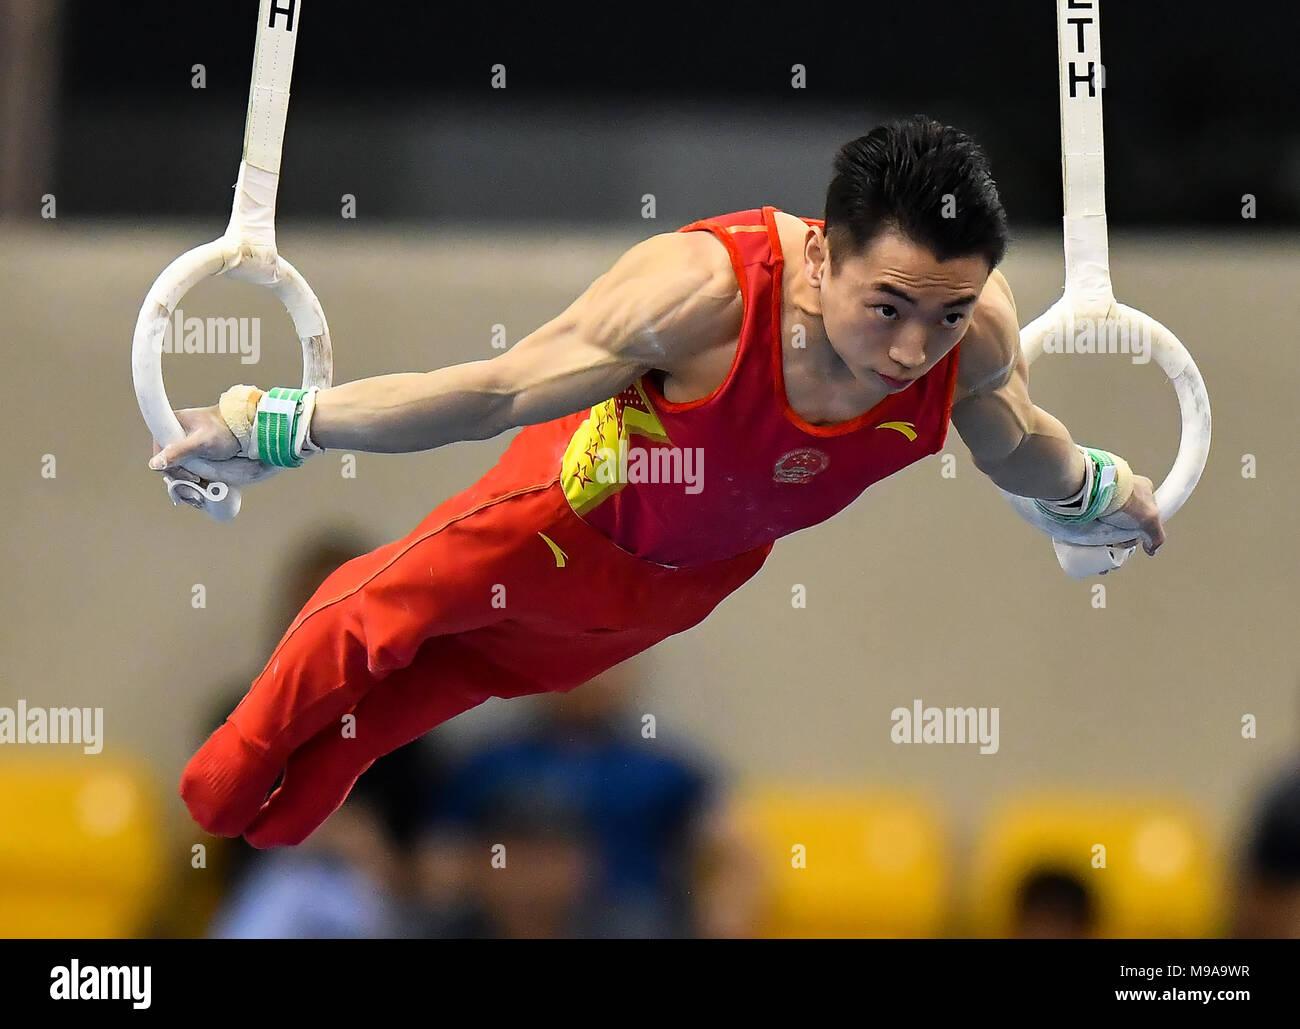 Doha, Qatar. Mar 23, 2018. Zou Jiangnan Hotel de Chine fait concurrence au cours de la finale masculine de joints toriques à la 11e Coupe du Monde de Gymnastique artistique de la FIG à Doha, Qatar, le 23 mars 2018. Zou Jiangnan Hotel a pris la médaille de bronze avec 14,966 points. Credit: Nikku/Xinhua/Alamy Live News Photo Stock